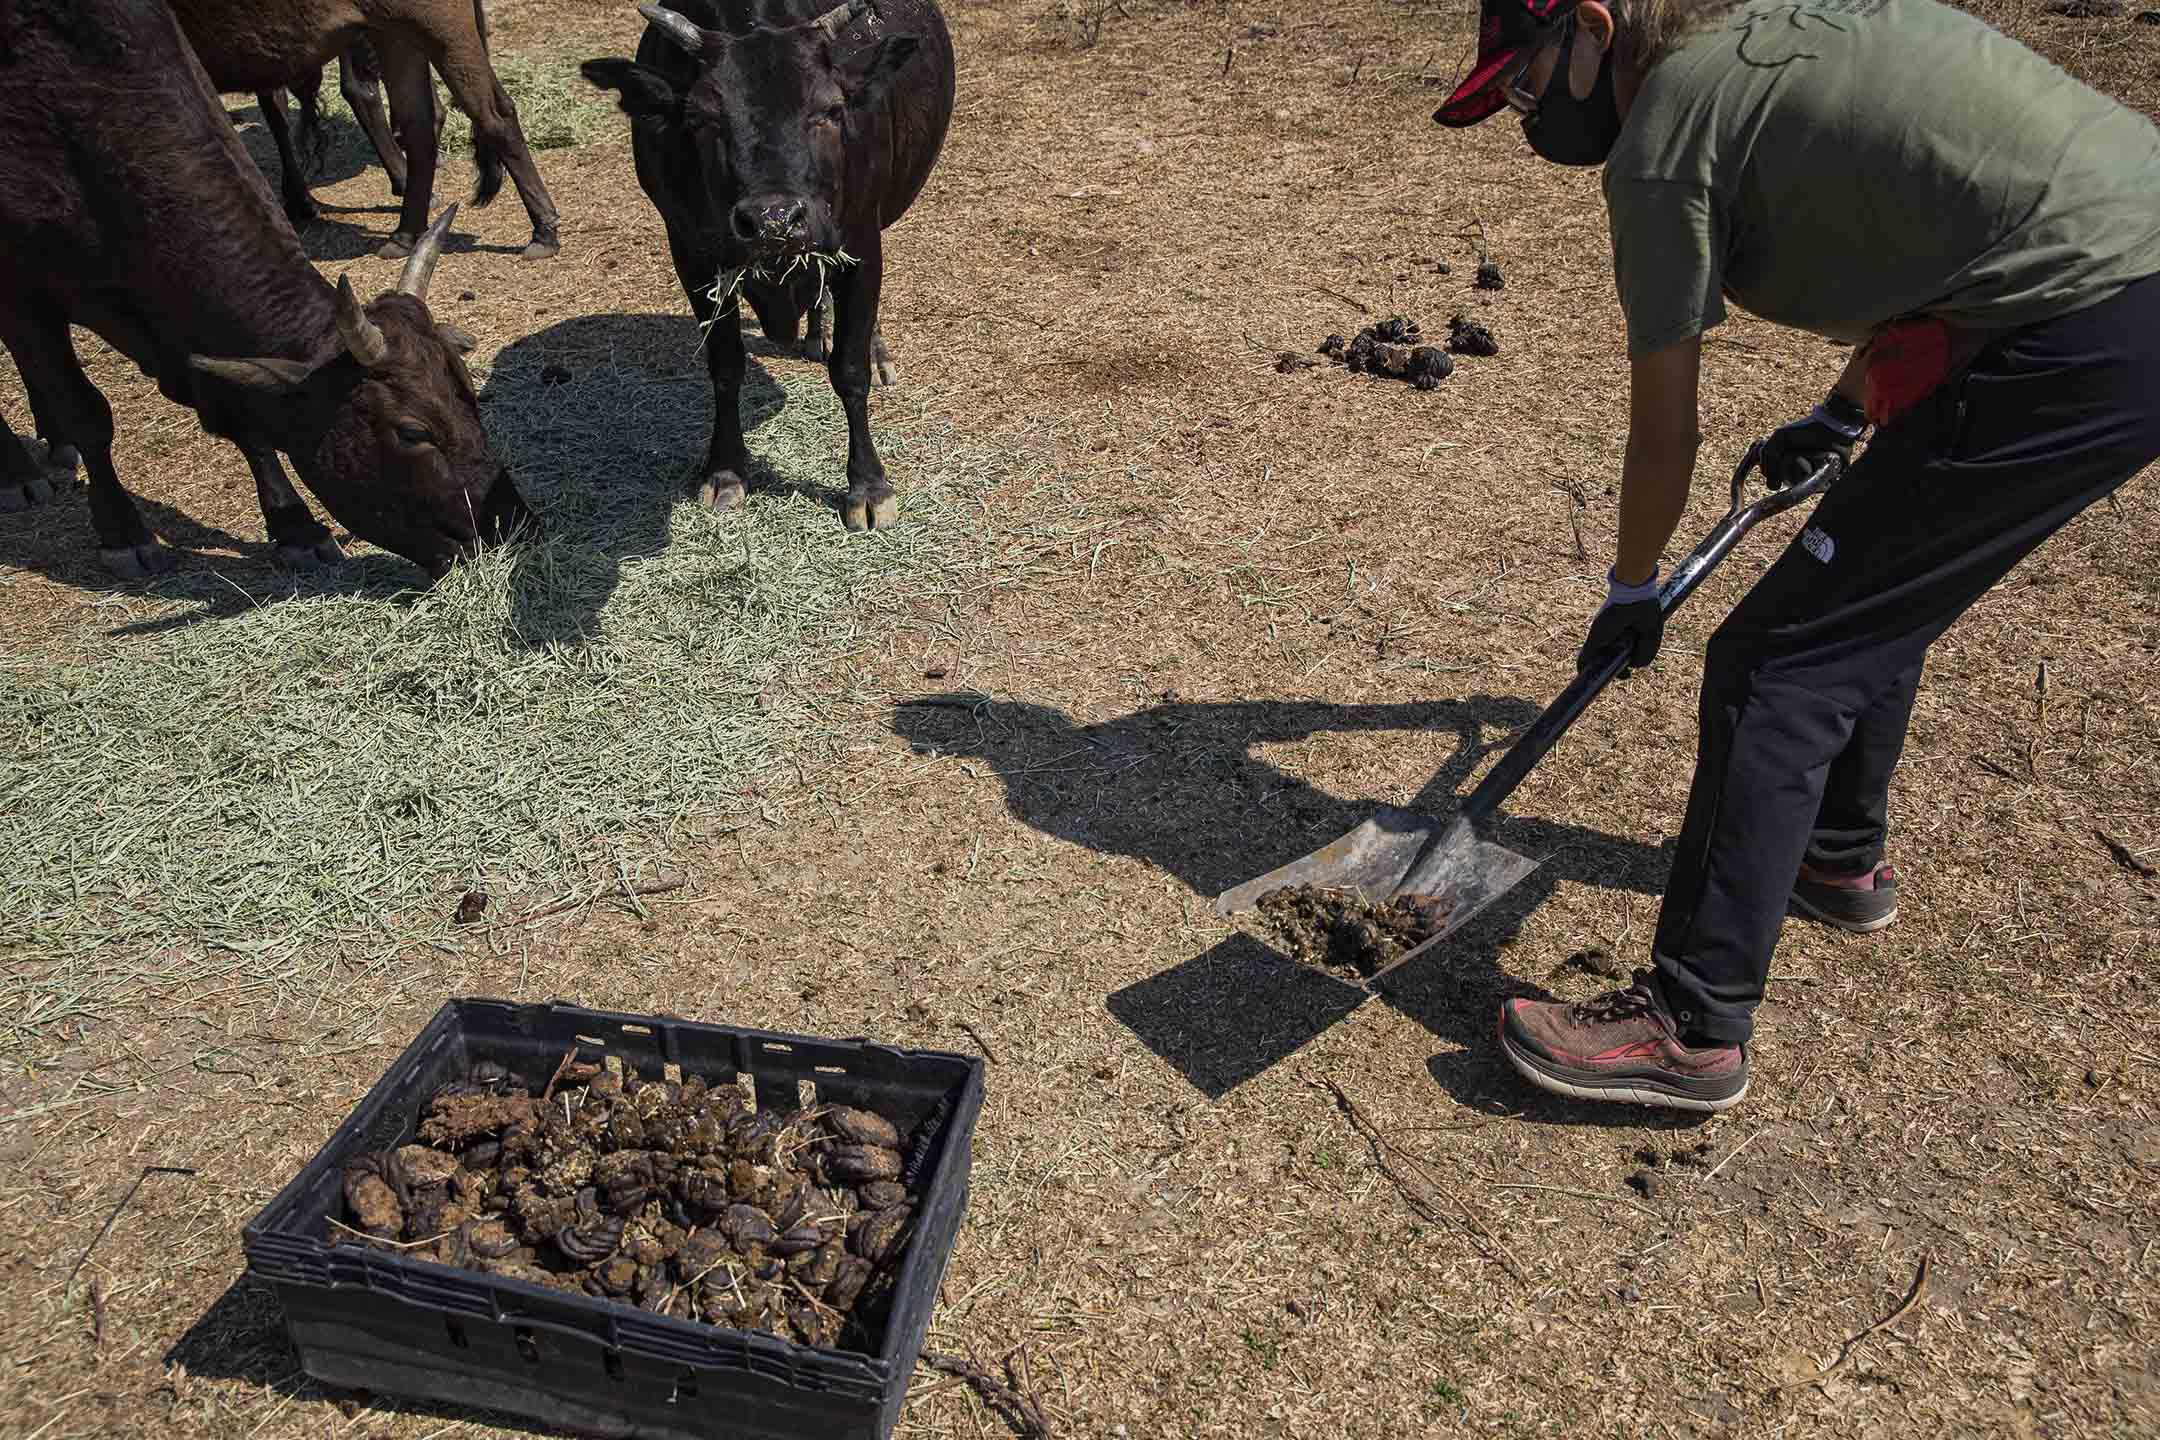 義工們會收集牛糞作肥料。